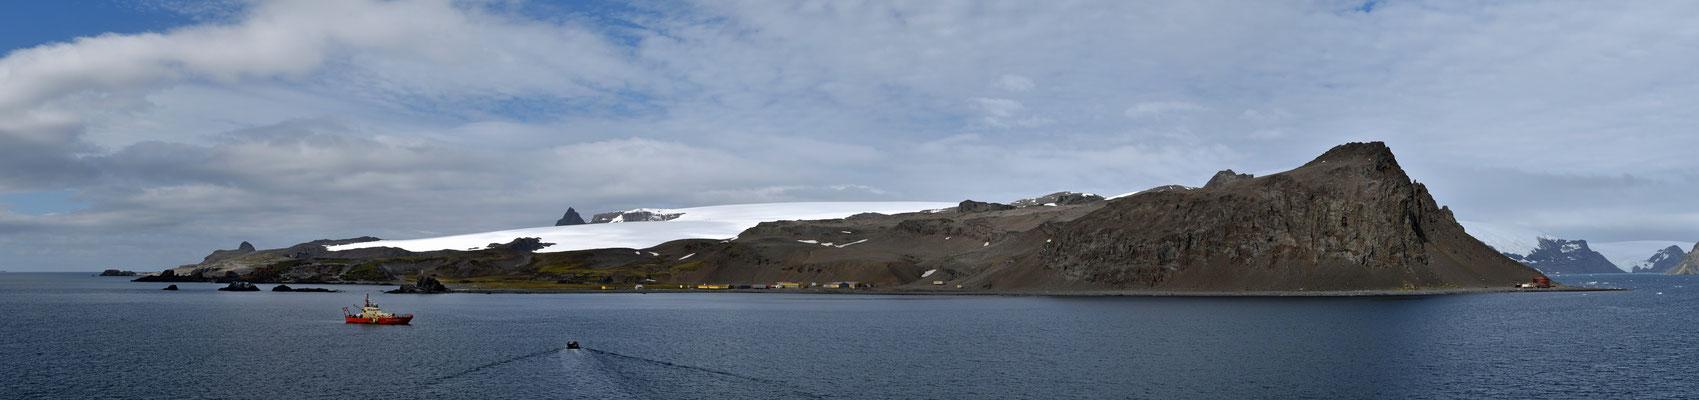 die polnische Antarktisstation Arctowski auf King George Island